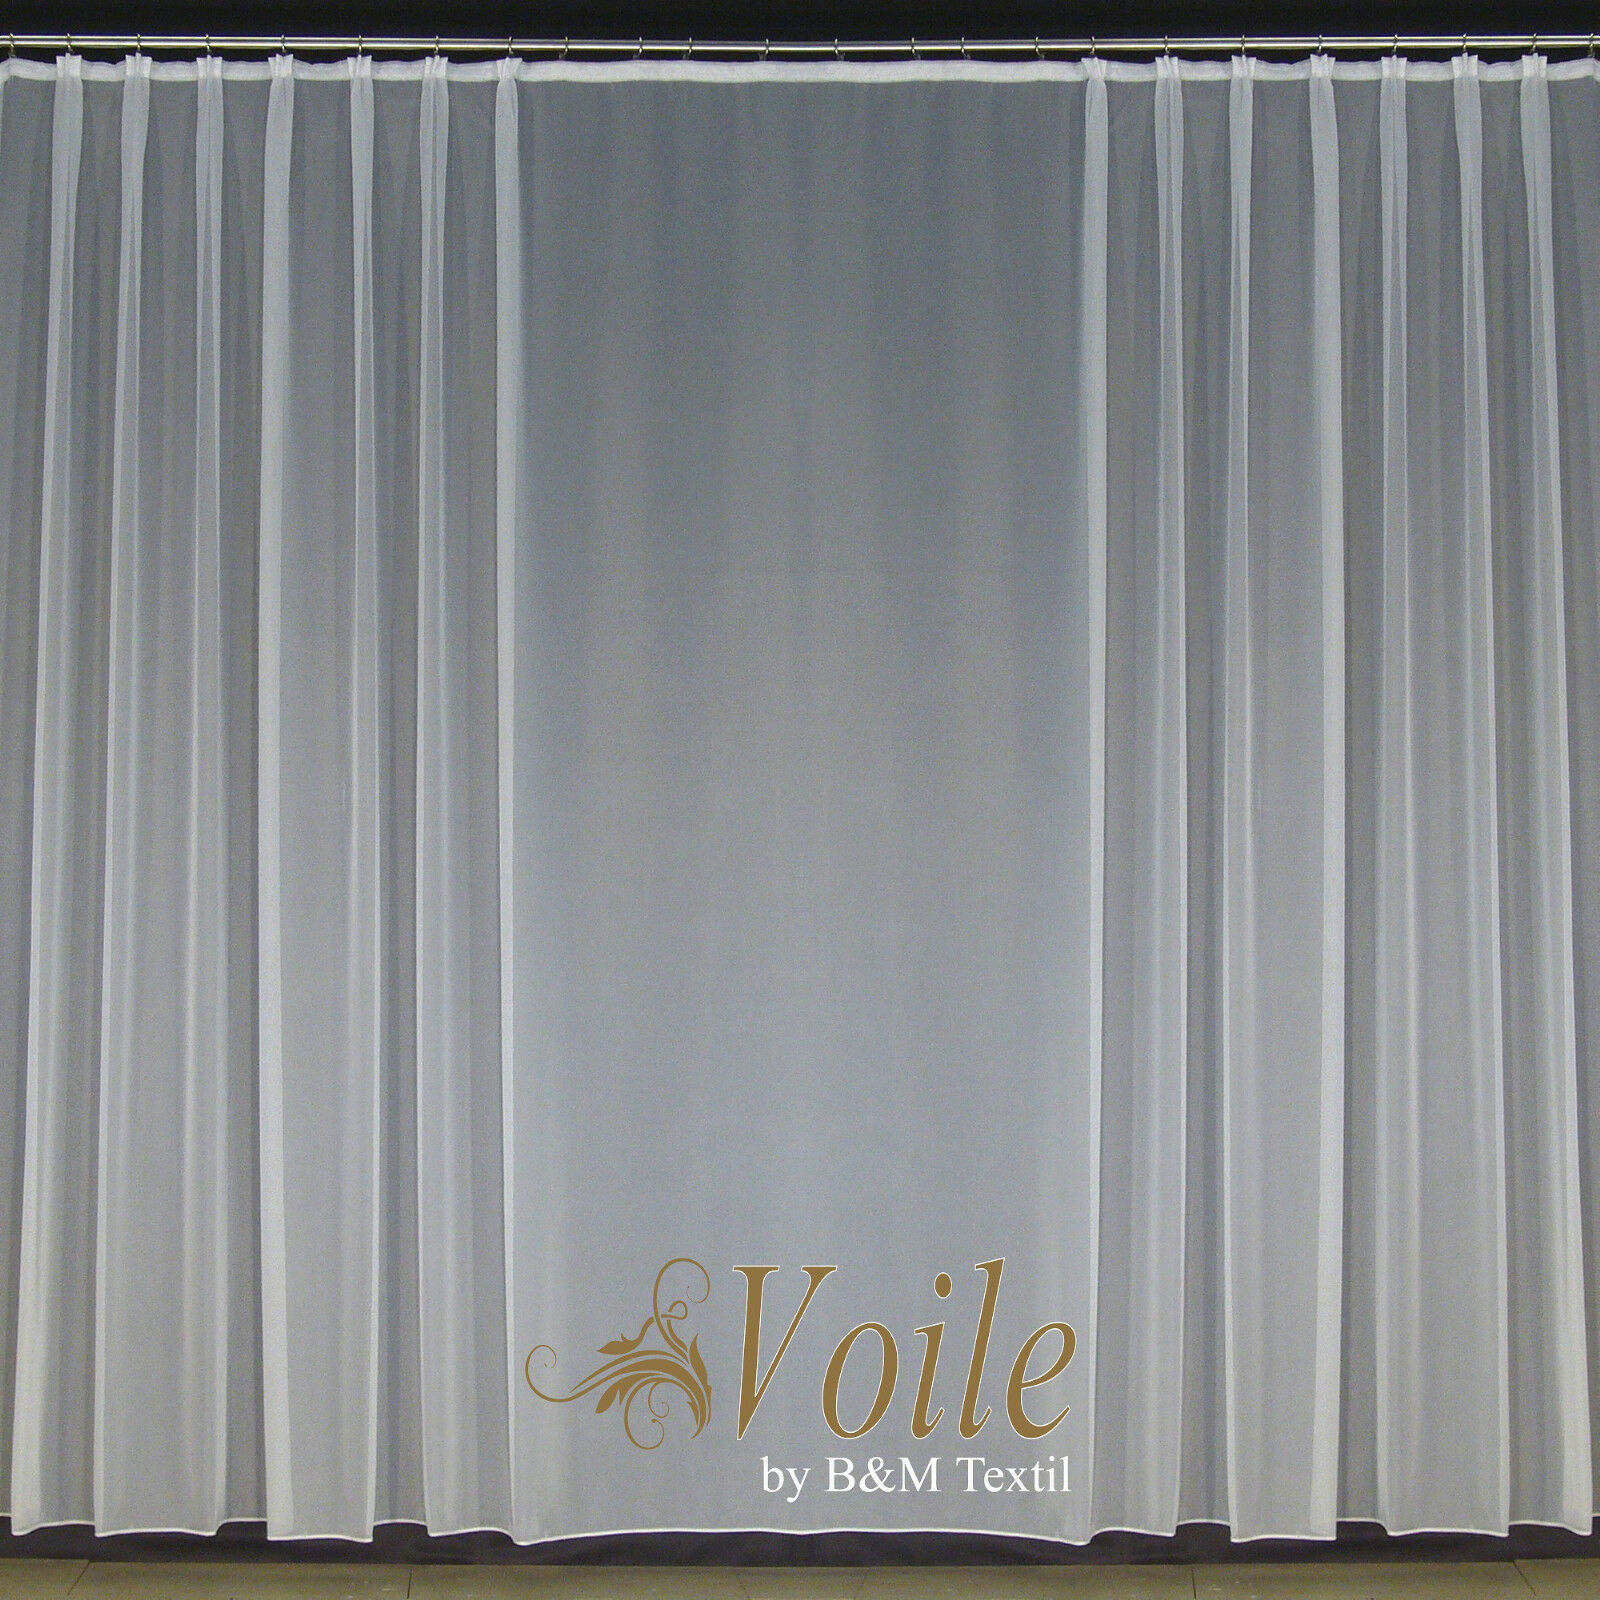 Finito di alta qualità Tenda Voile Store pieghe Nastro & Piombo nastro modello Carrara